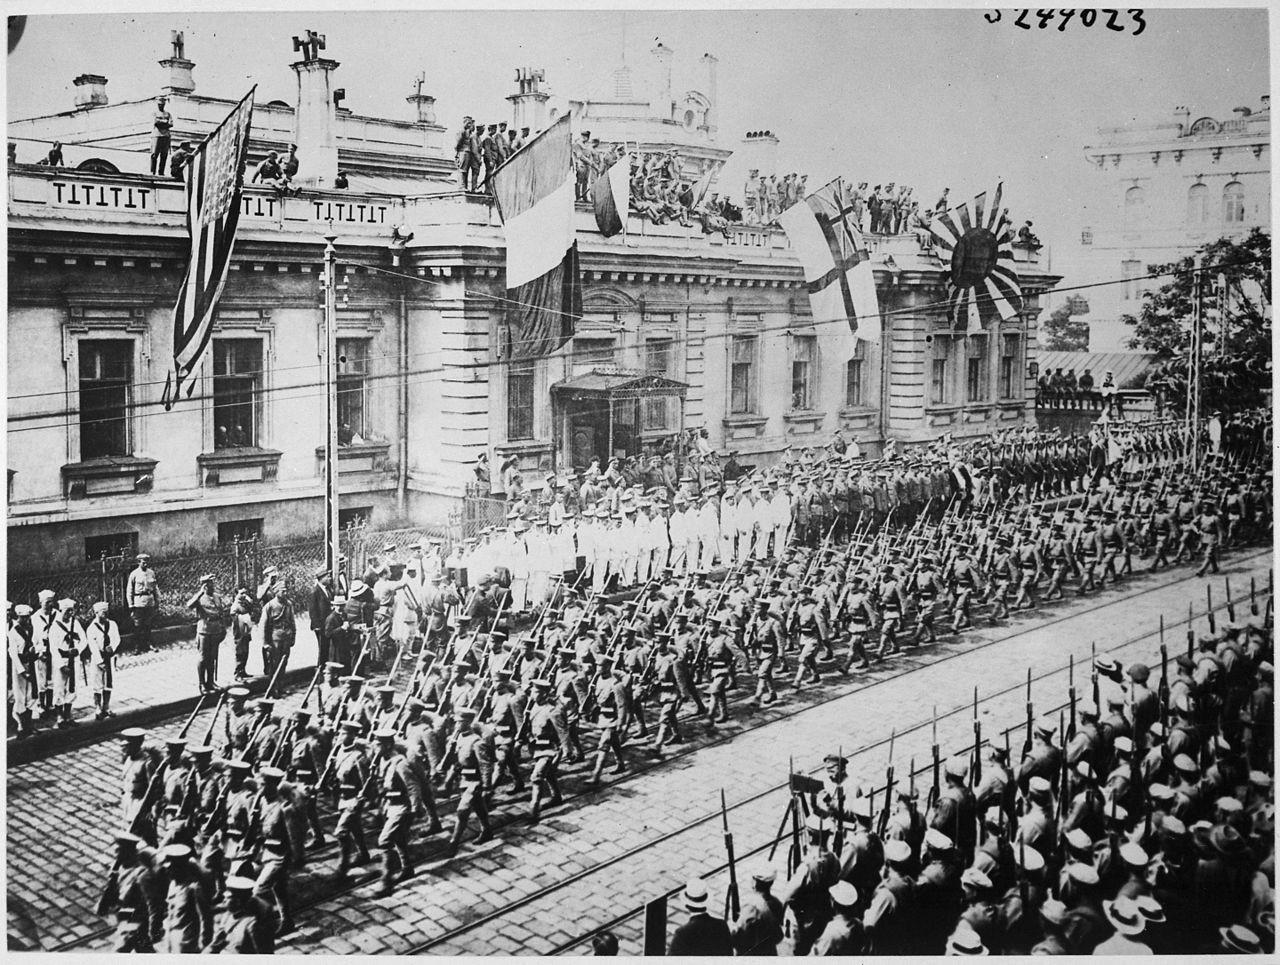 Владивосток, Русија. Војници и морнари из многих земаља постројени су испред зграде Штаба савезника. Underwood & Underwood, 09/1918.